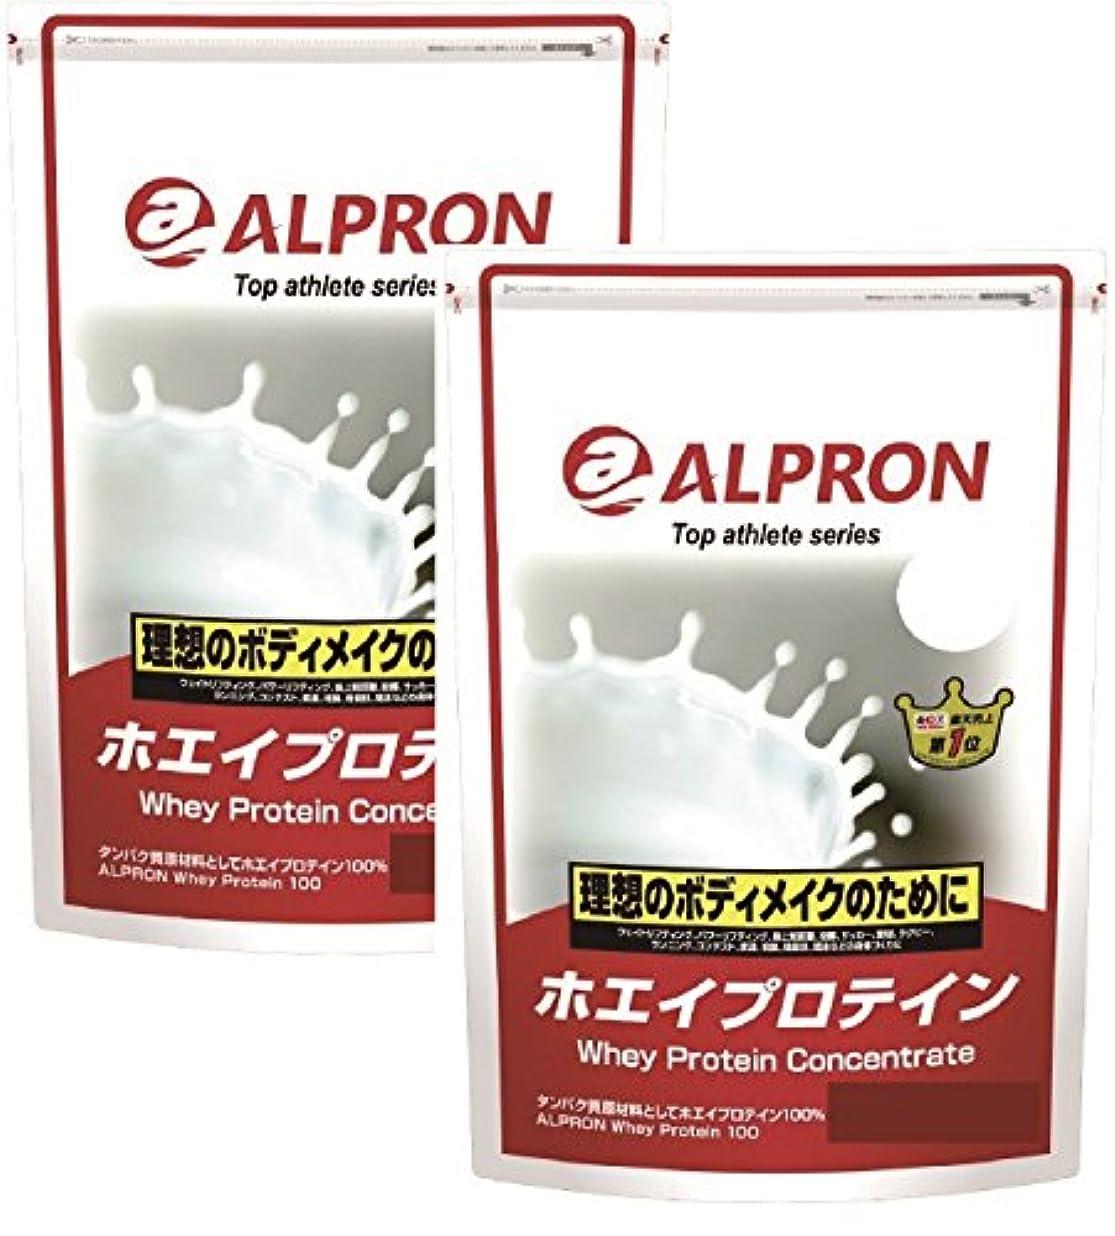 線形優れました集団的【2袋セット】WPCホエイプロテイン100 プレーン 1kg×2 アルプロン